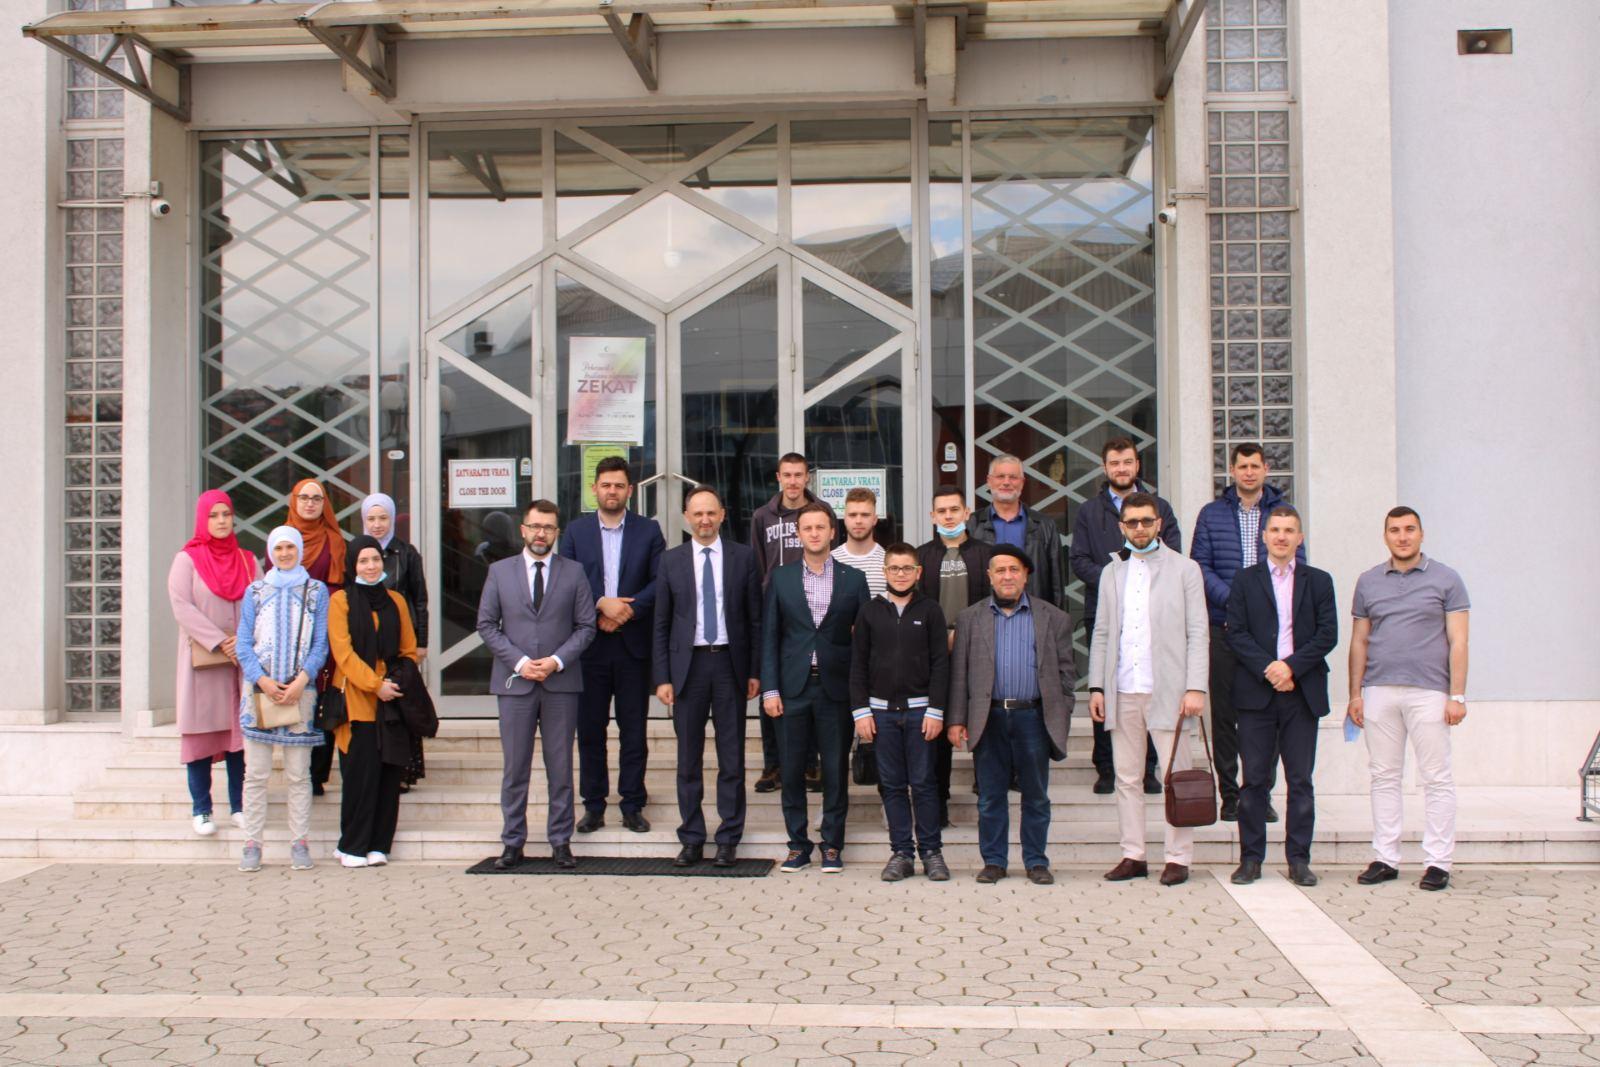 Mreža mladih: Organizirano 500 posjeta posljednji dan ramazana